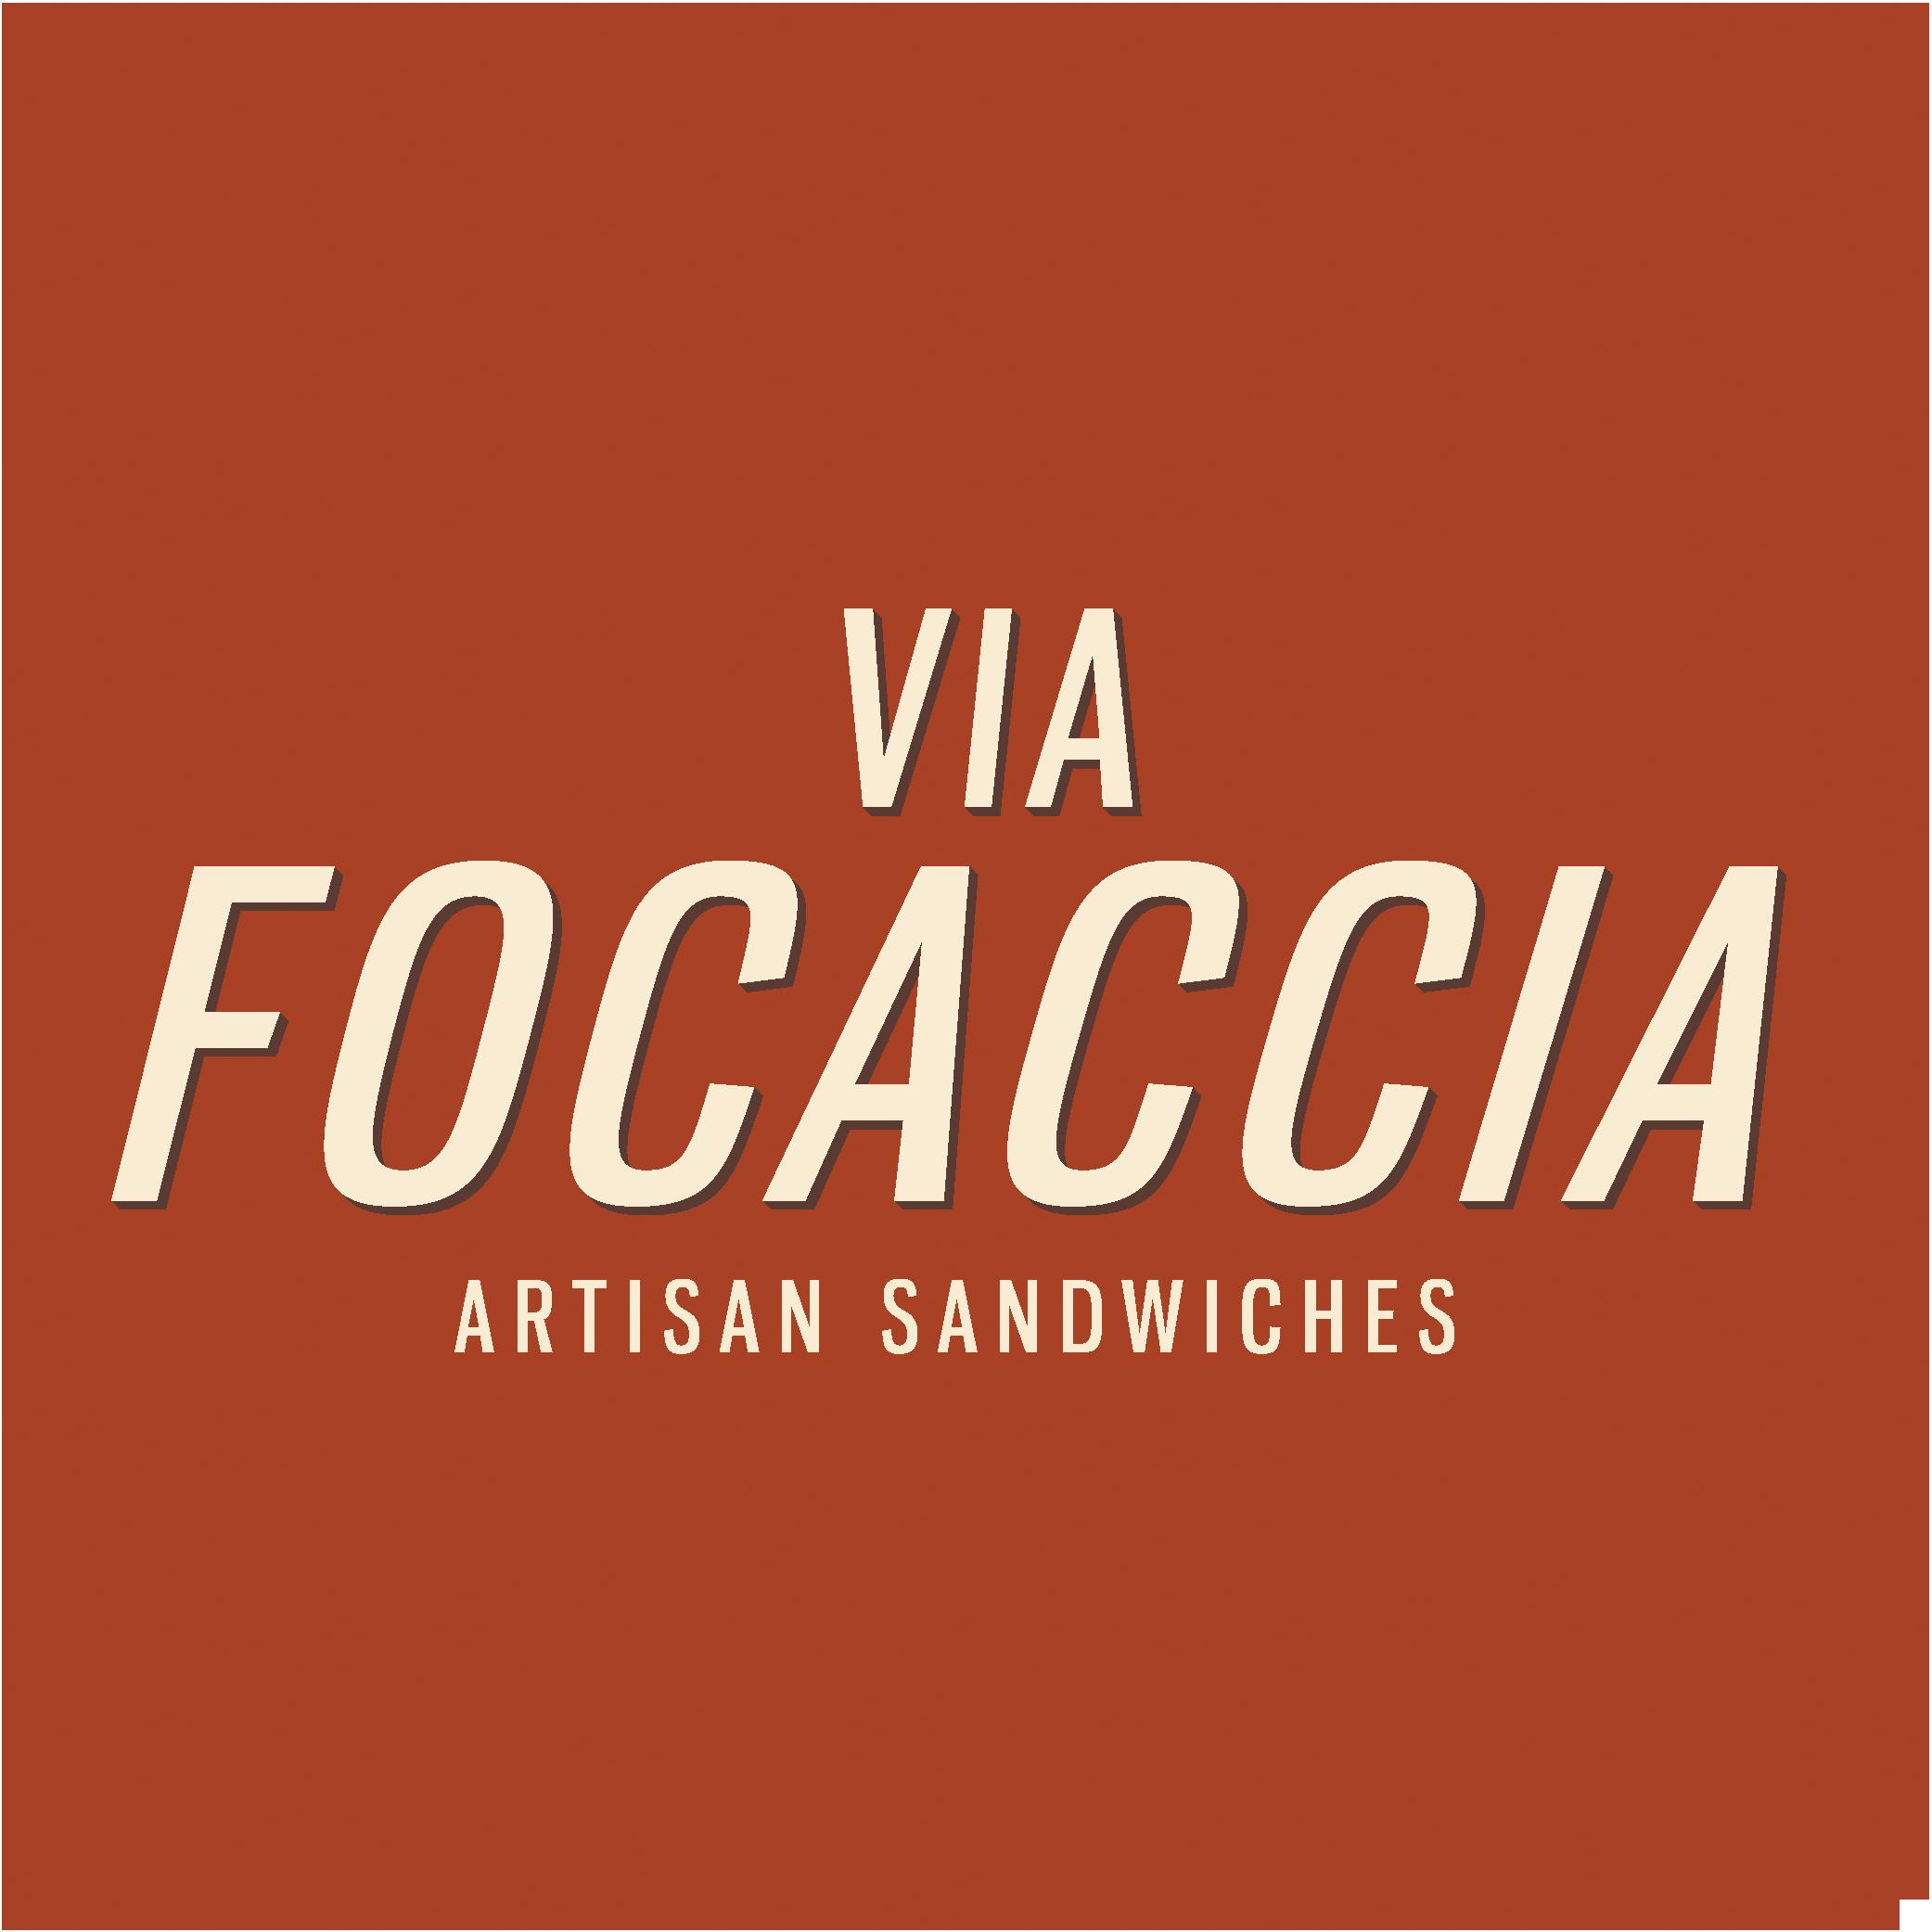 Via Focaccia logo